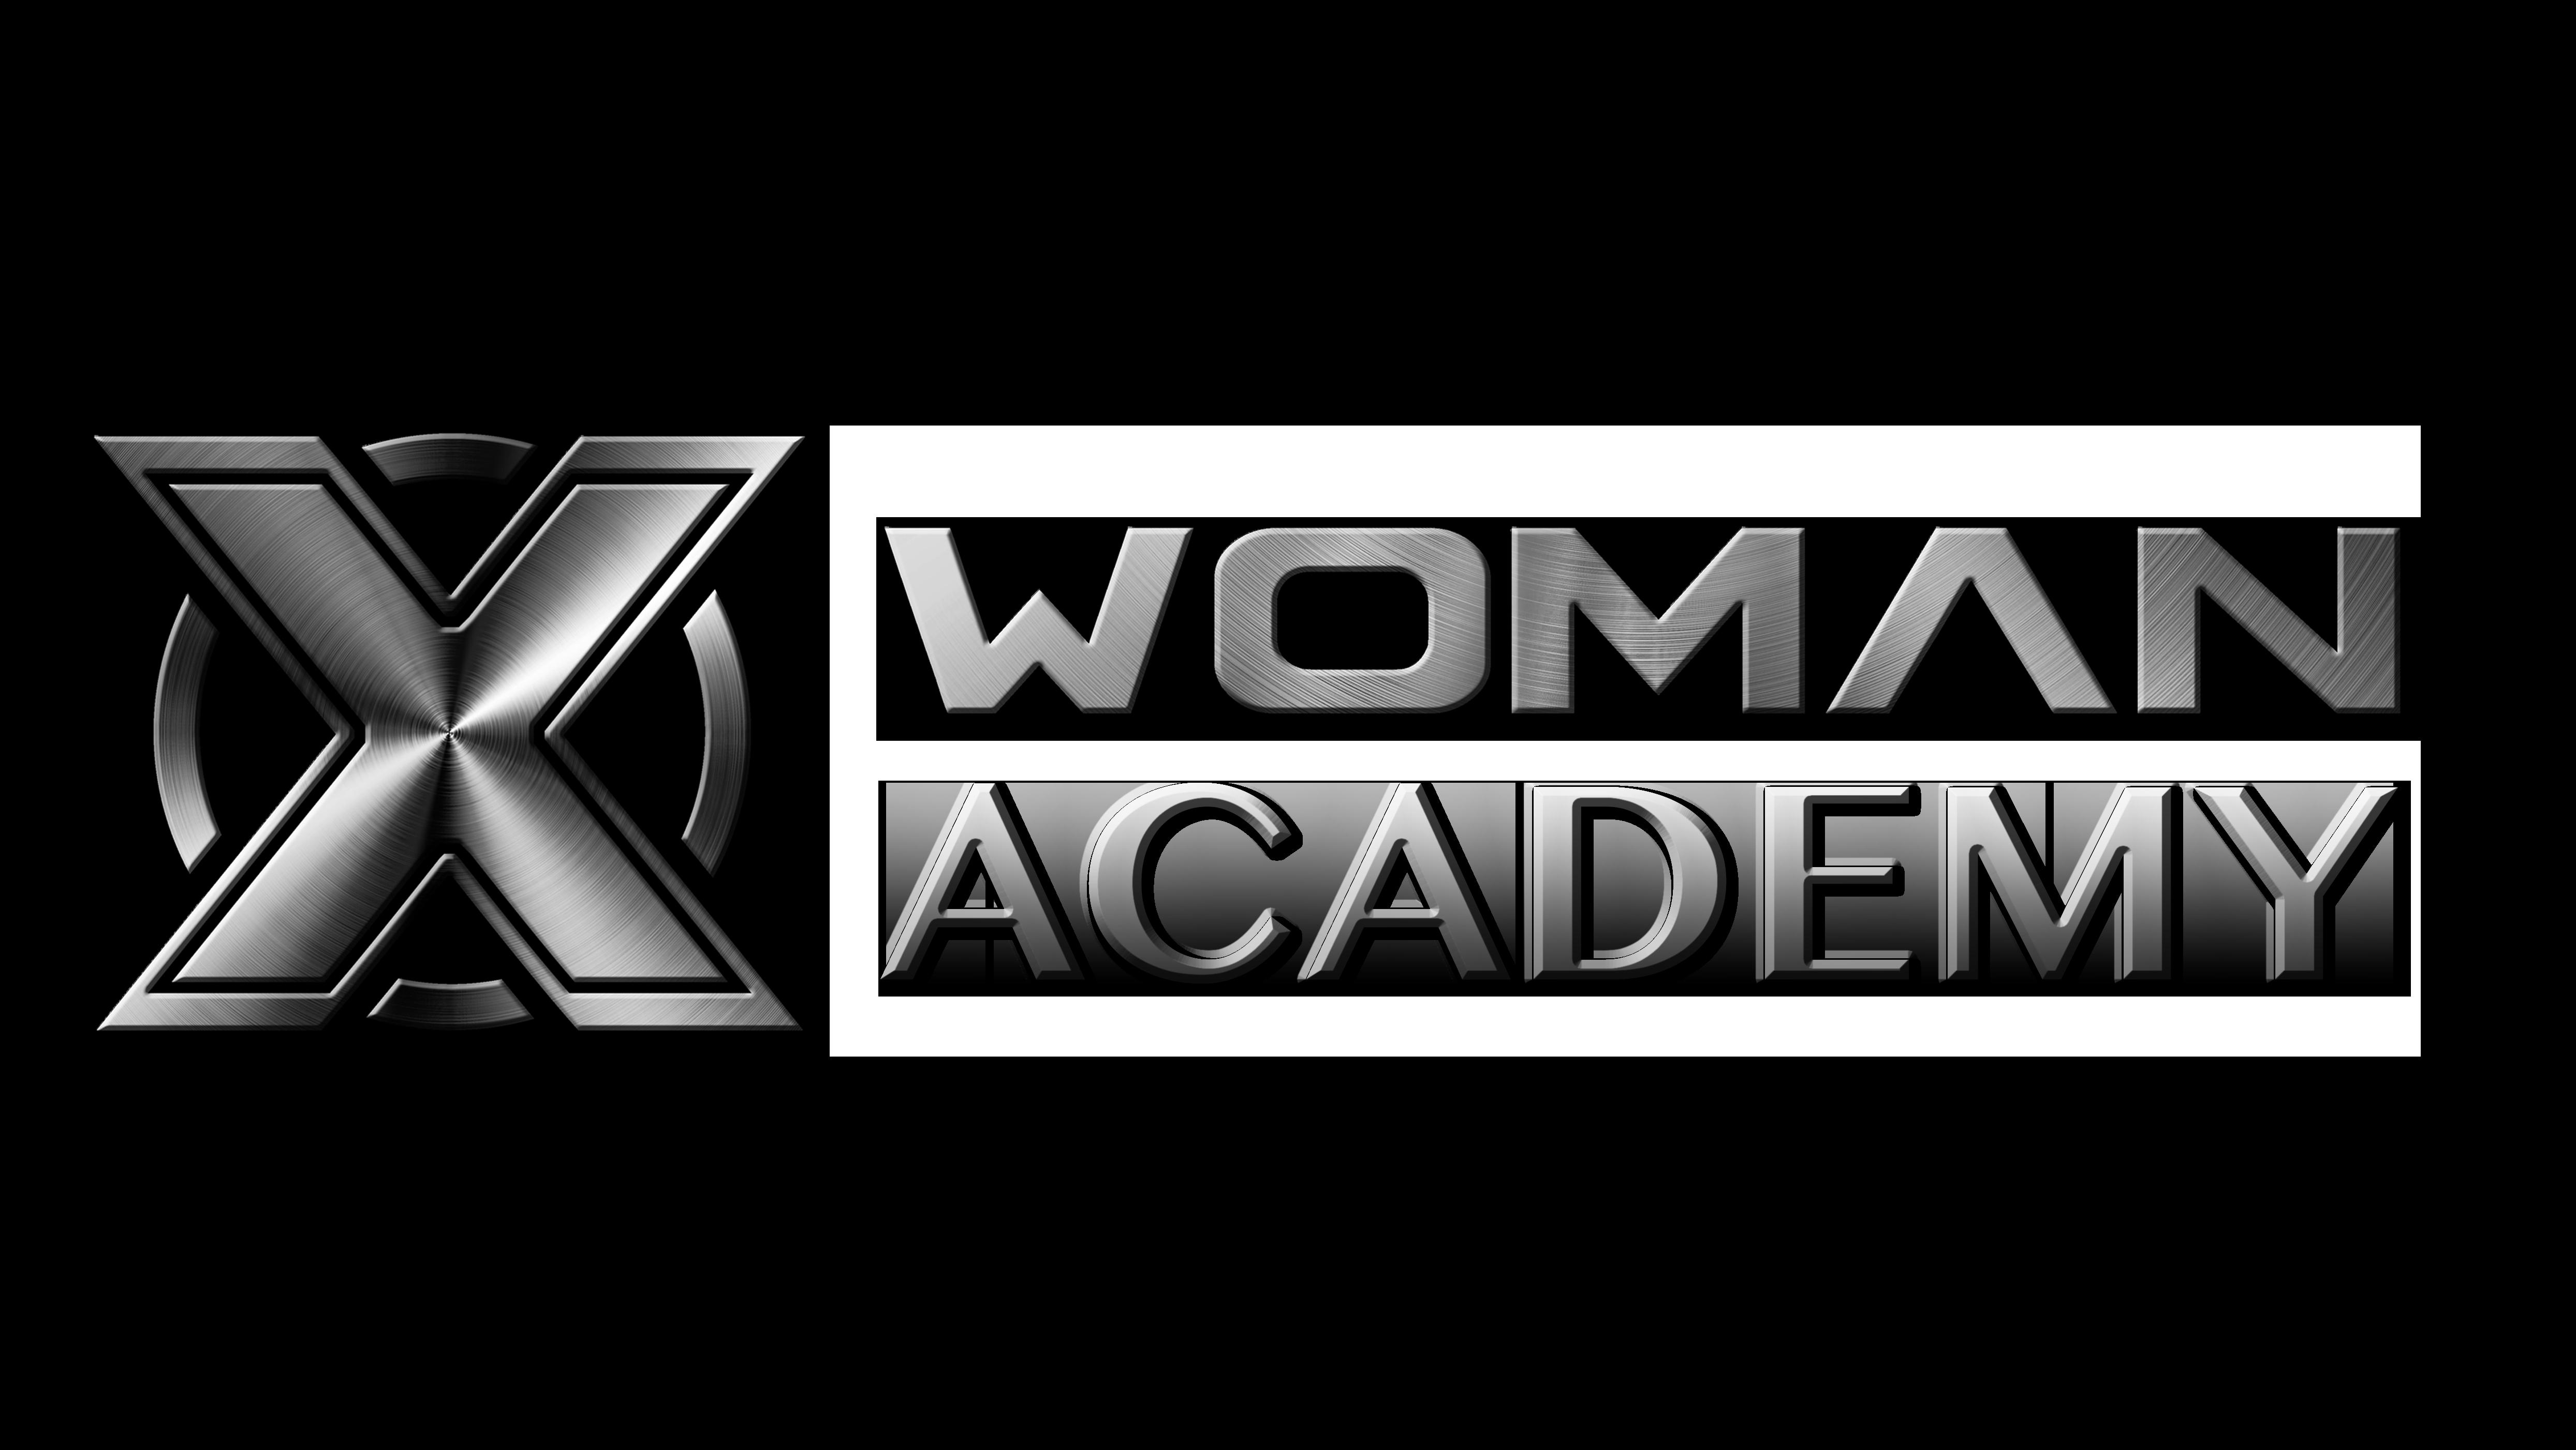 Accademia XWOMAN